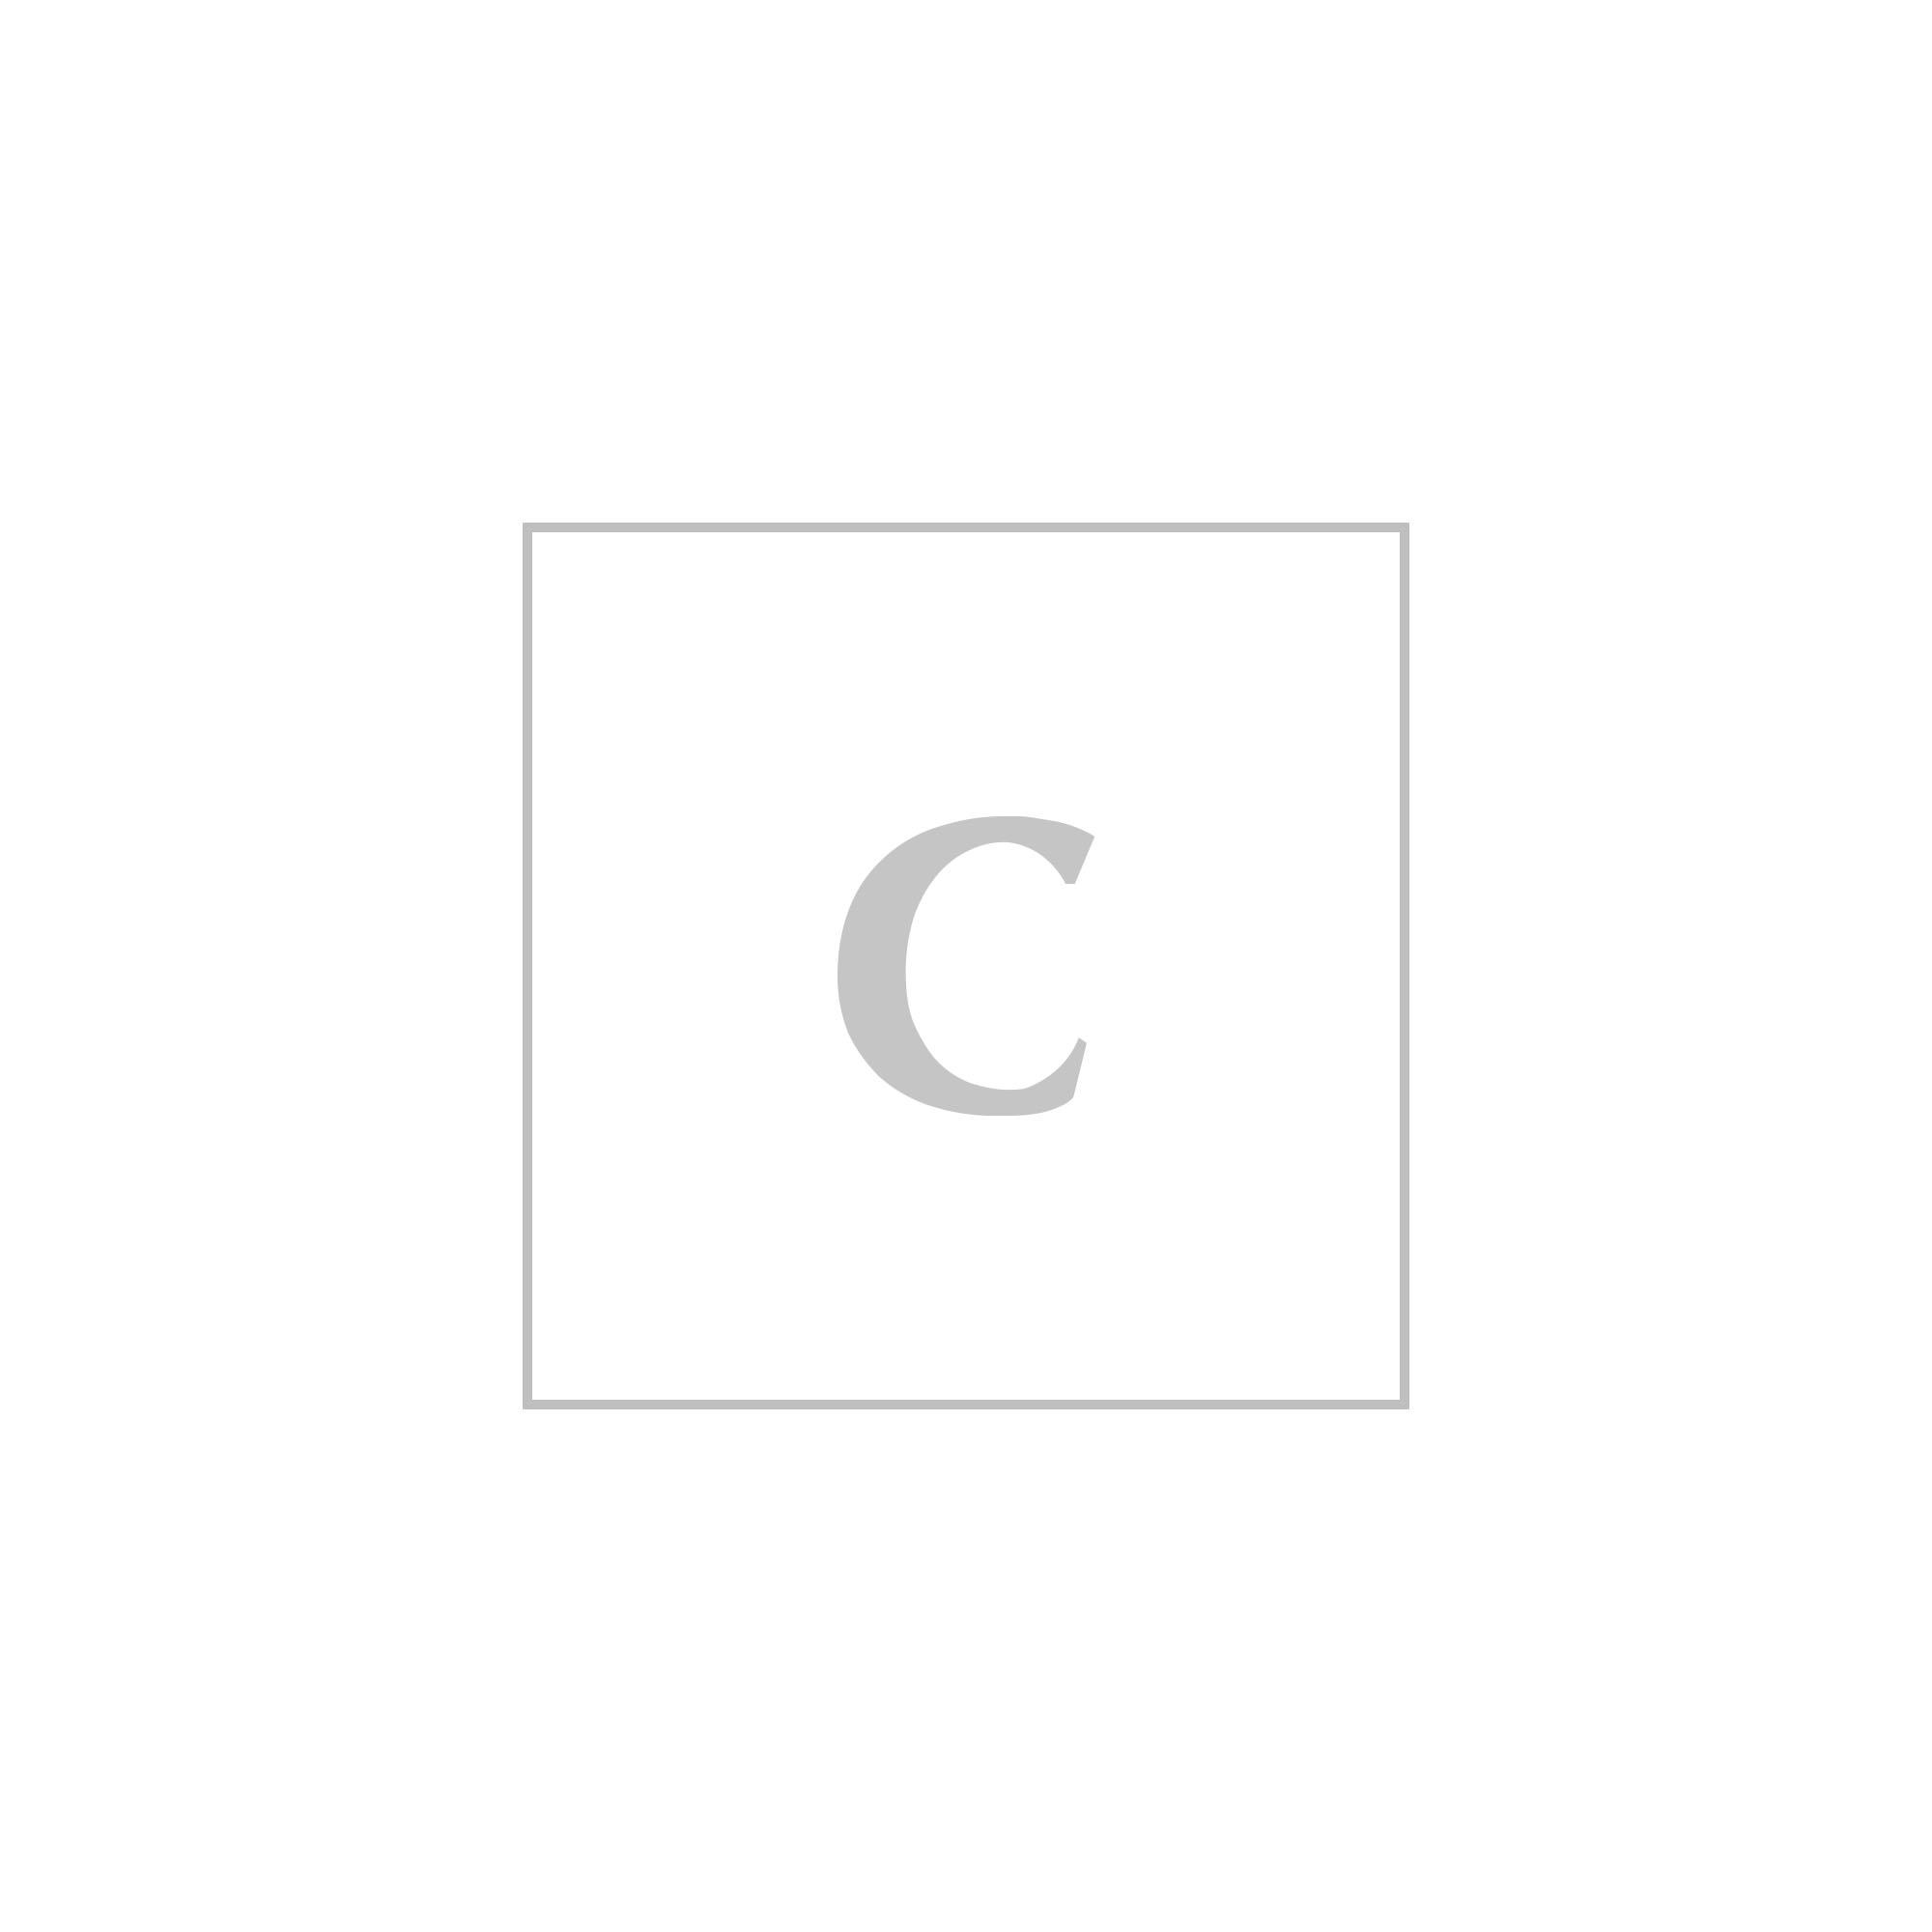 Saint laurent ysl p.foglio marquag147 grain de poudre